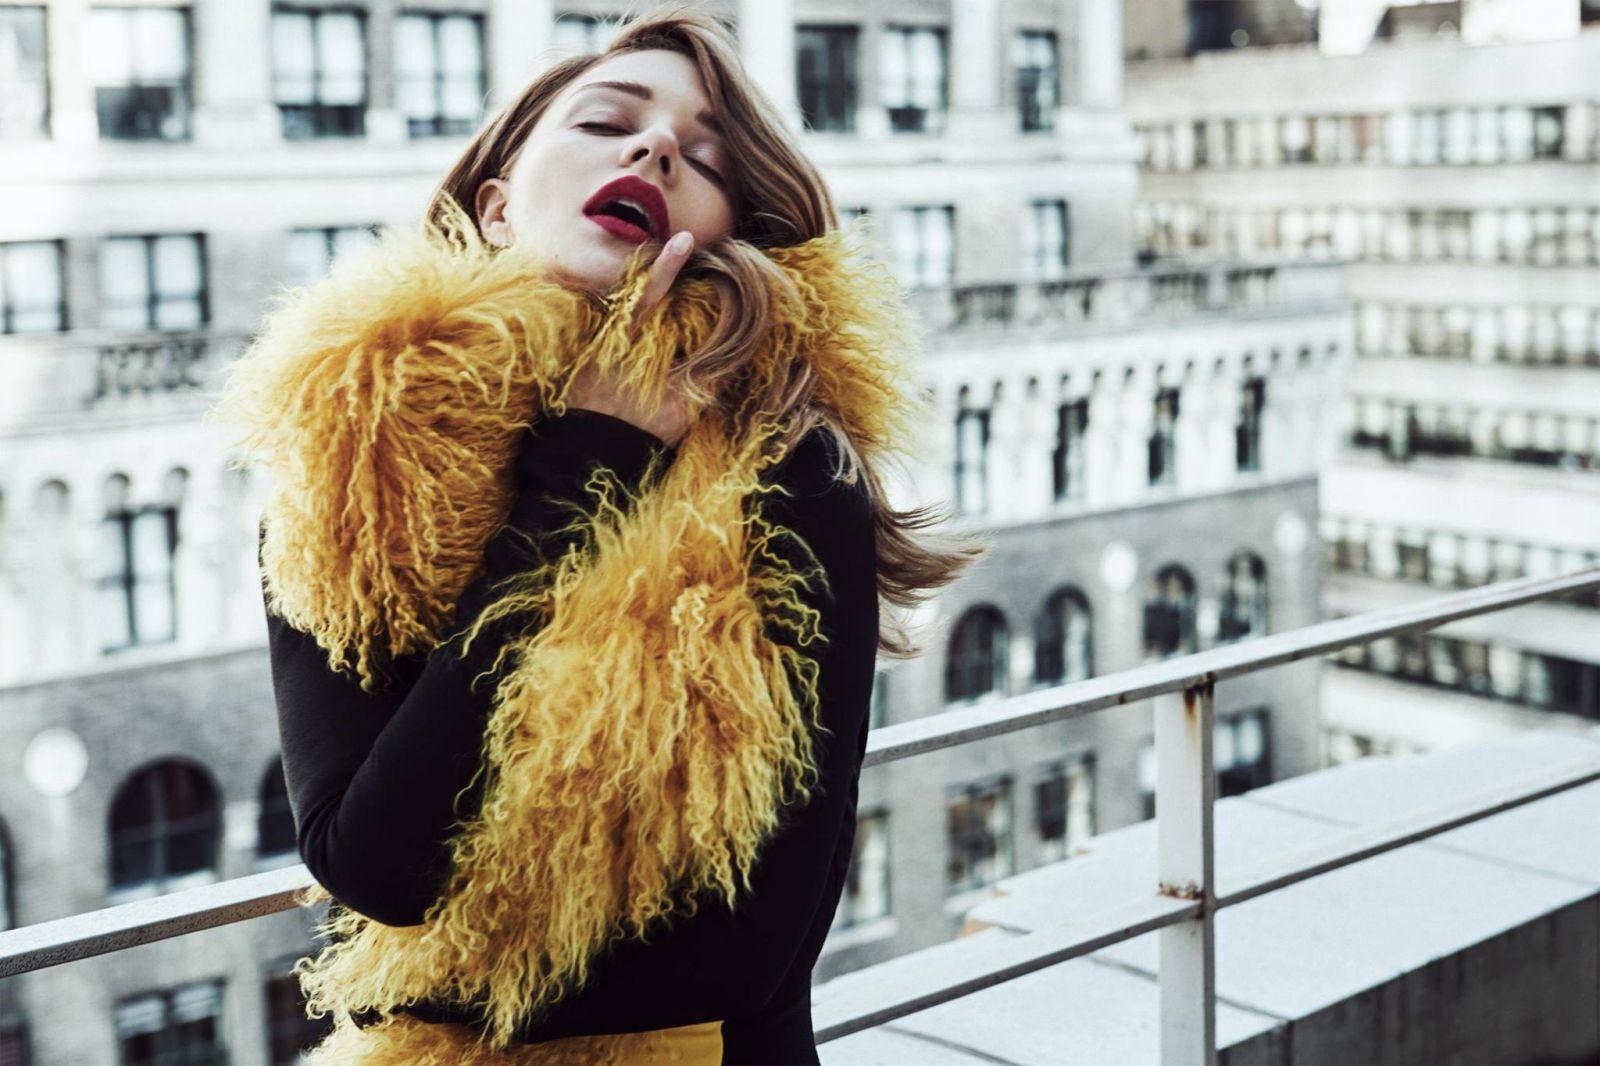 Тина Кароль снялась в новой fashion-фотосессии